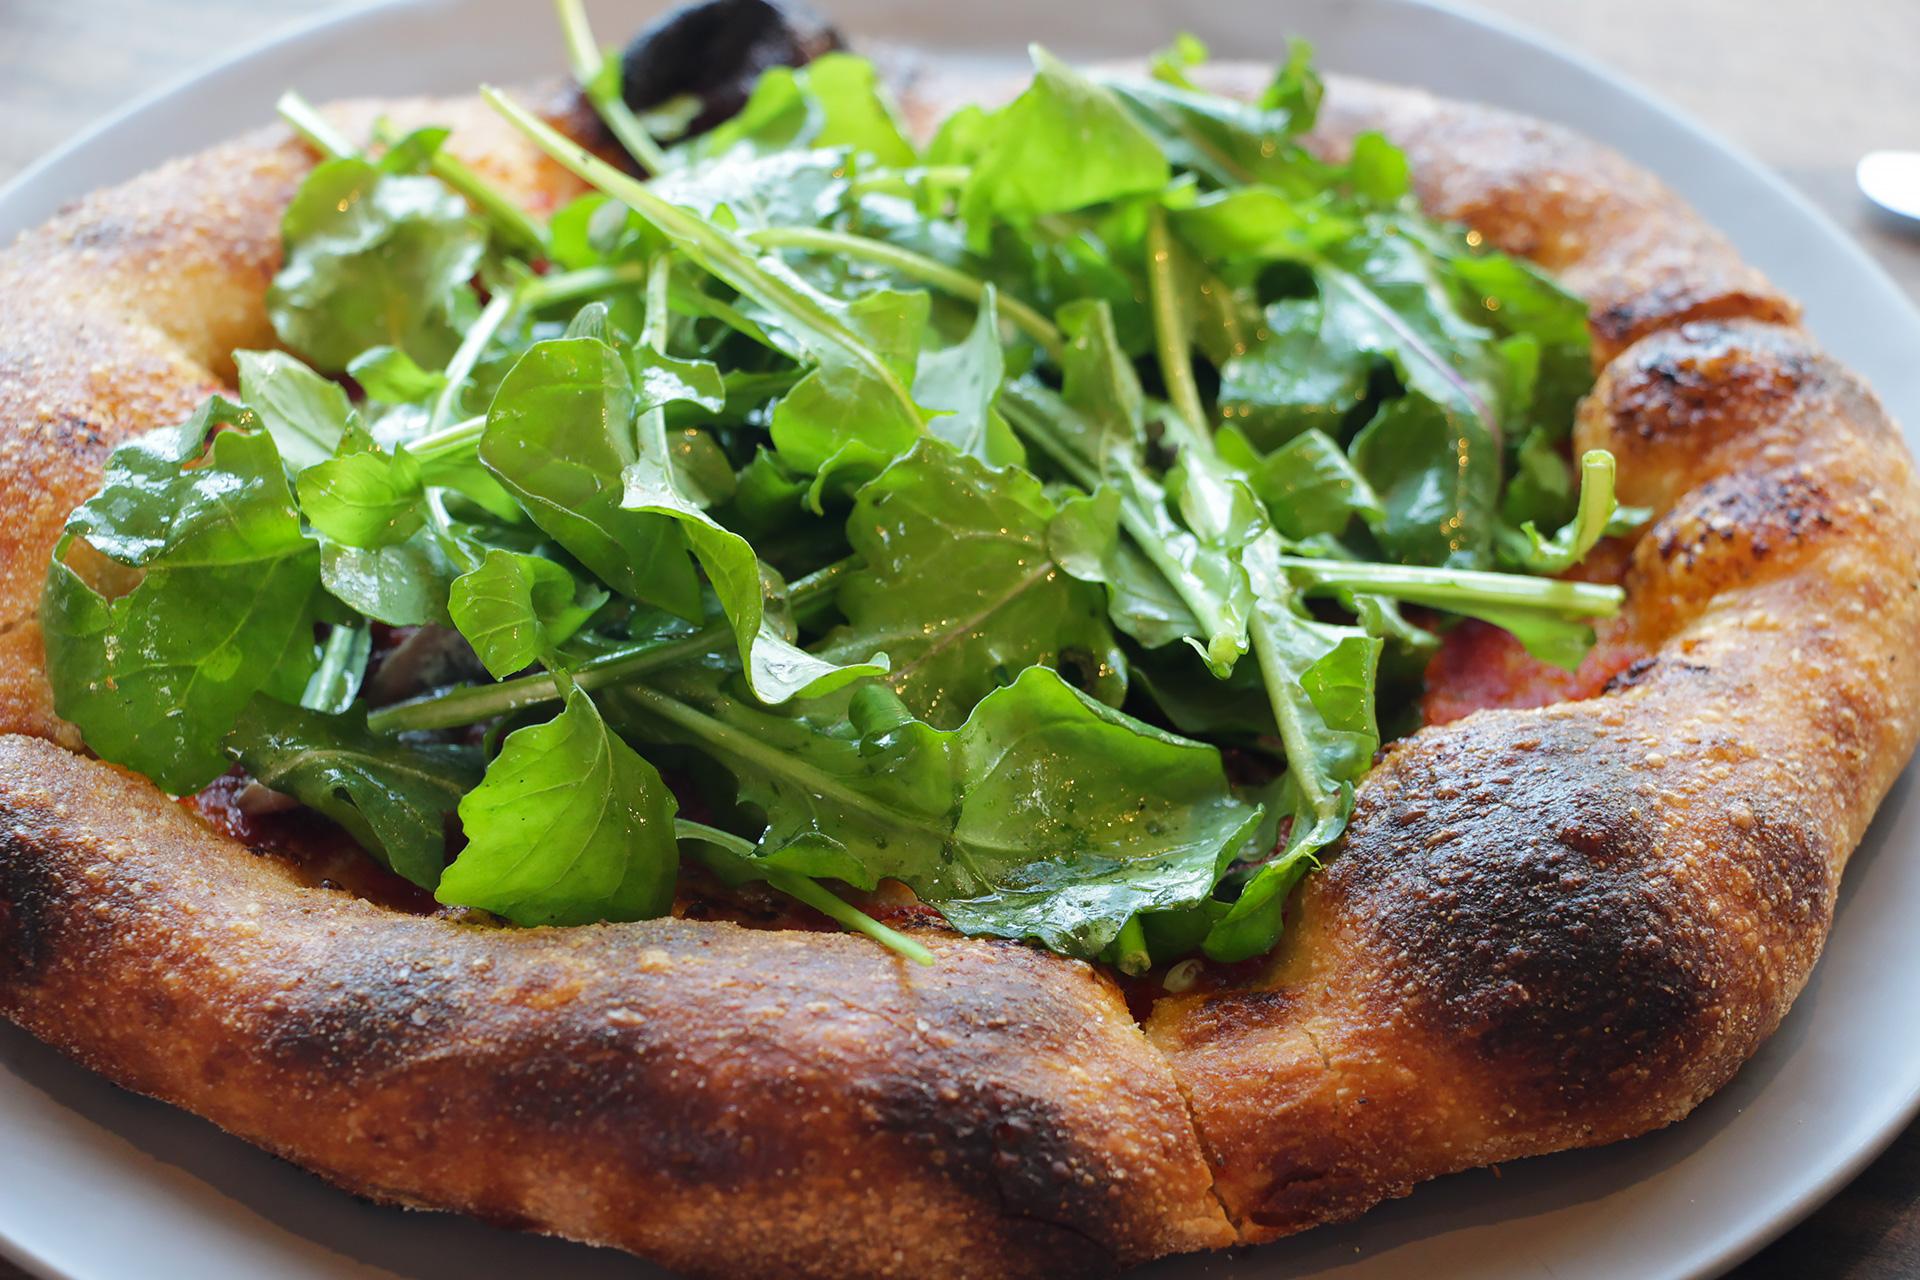 Pizze: Marinara, Anchovy, Knoll Farms Arugula.